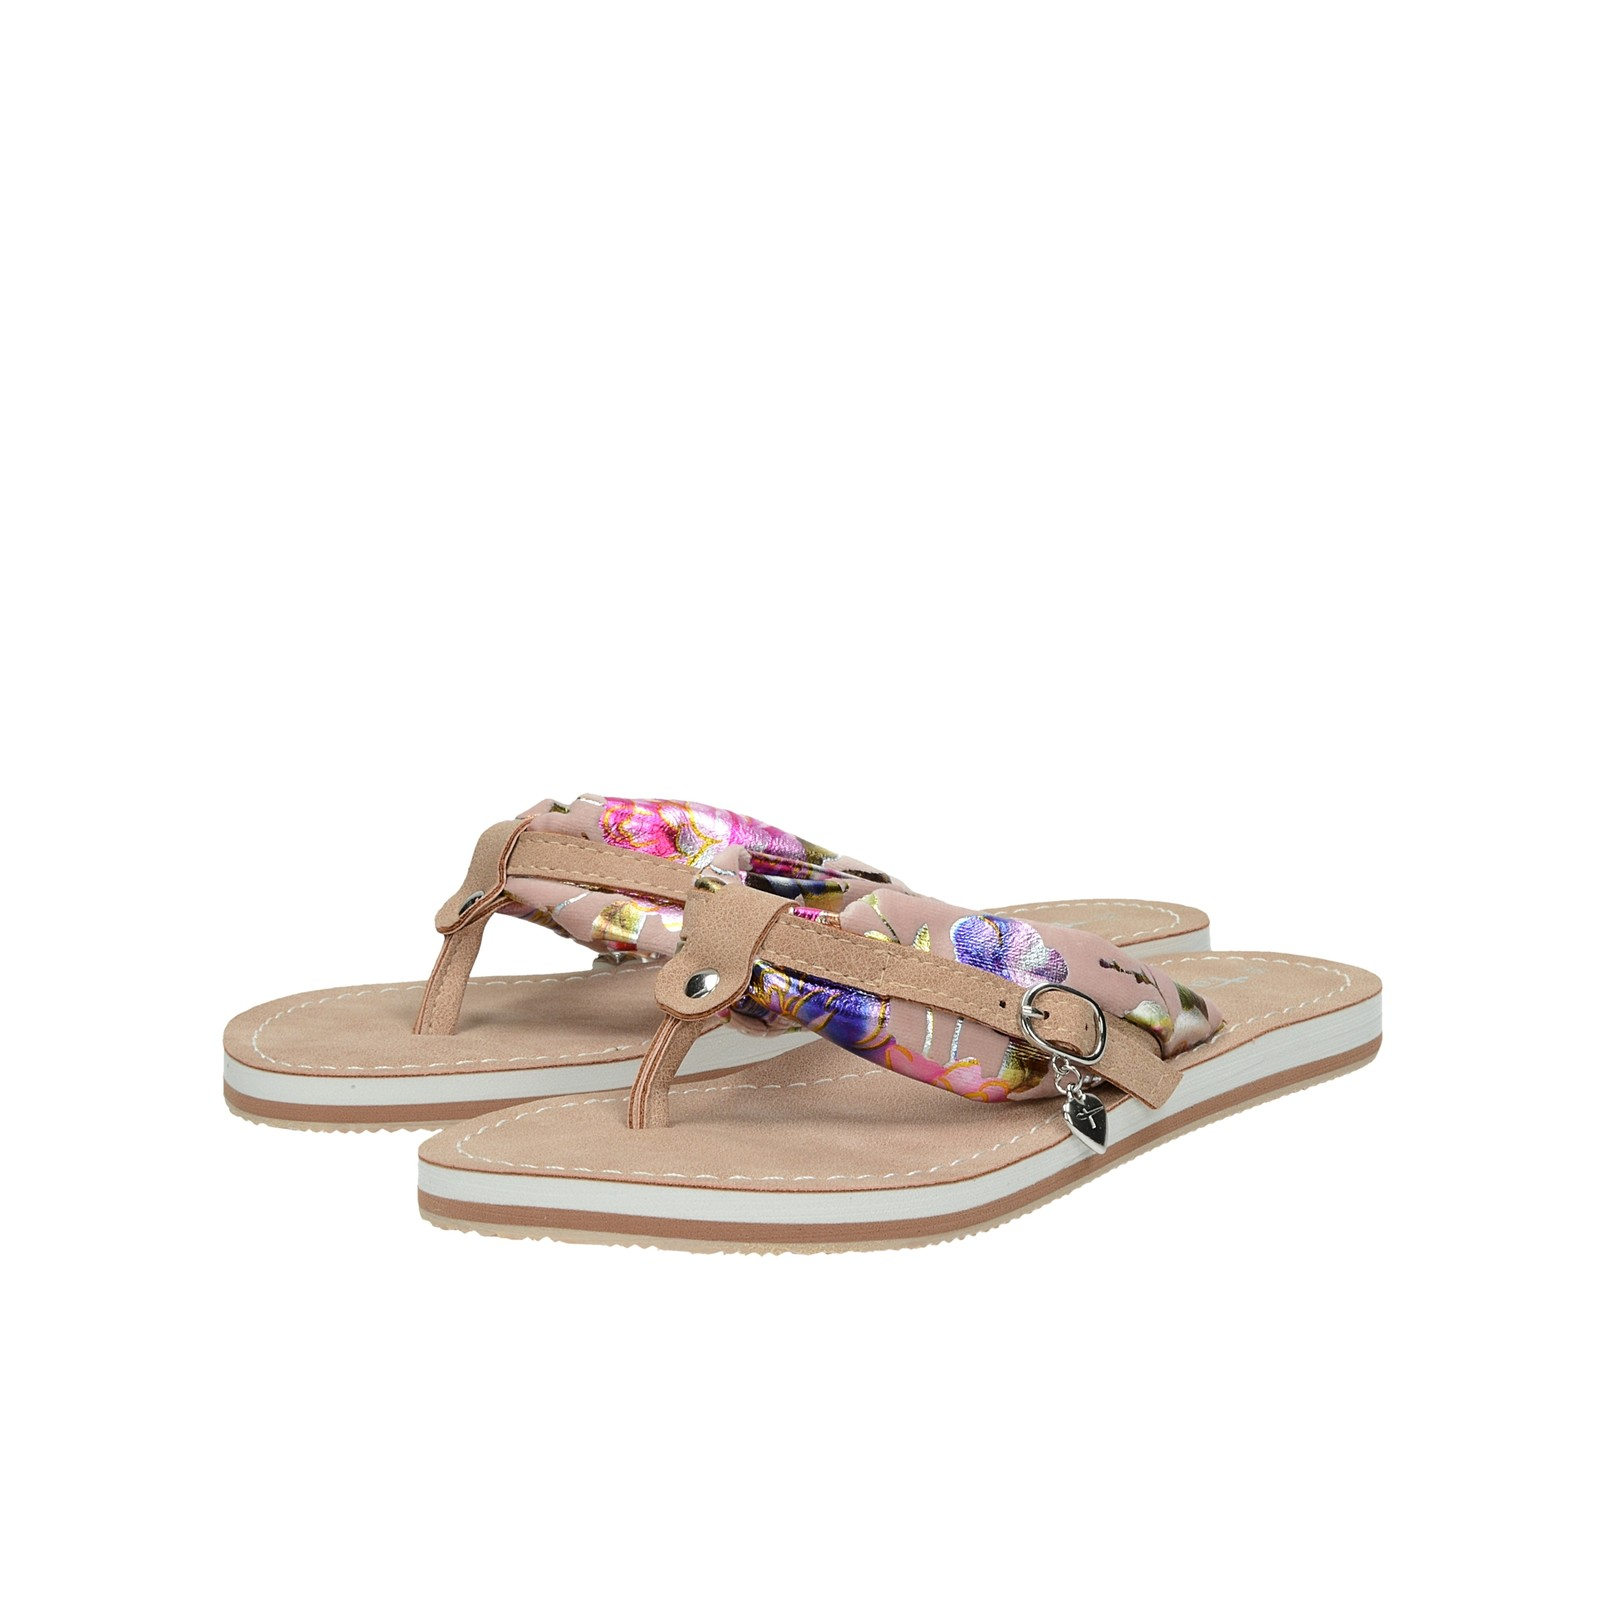 Tamaris dámske štýlové plážovky - ružové